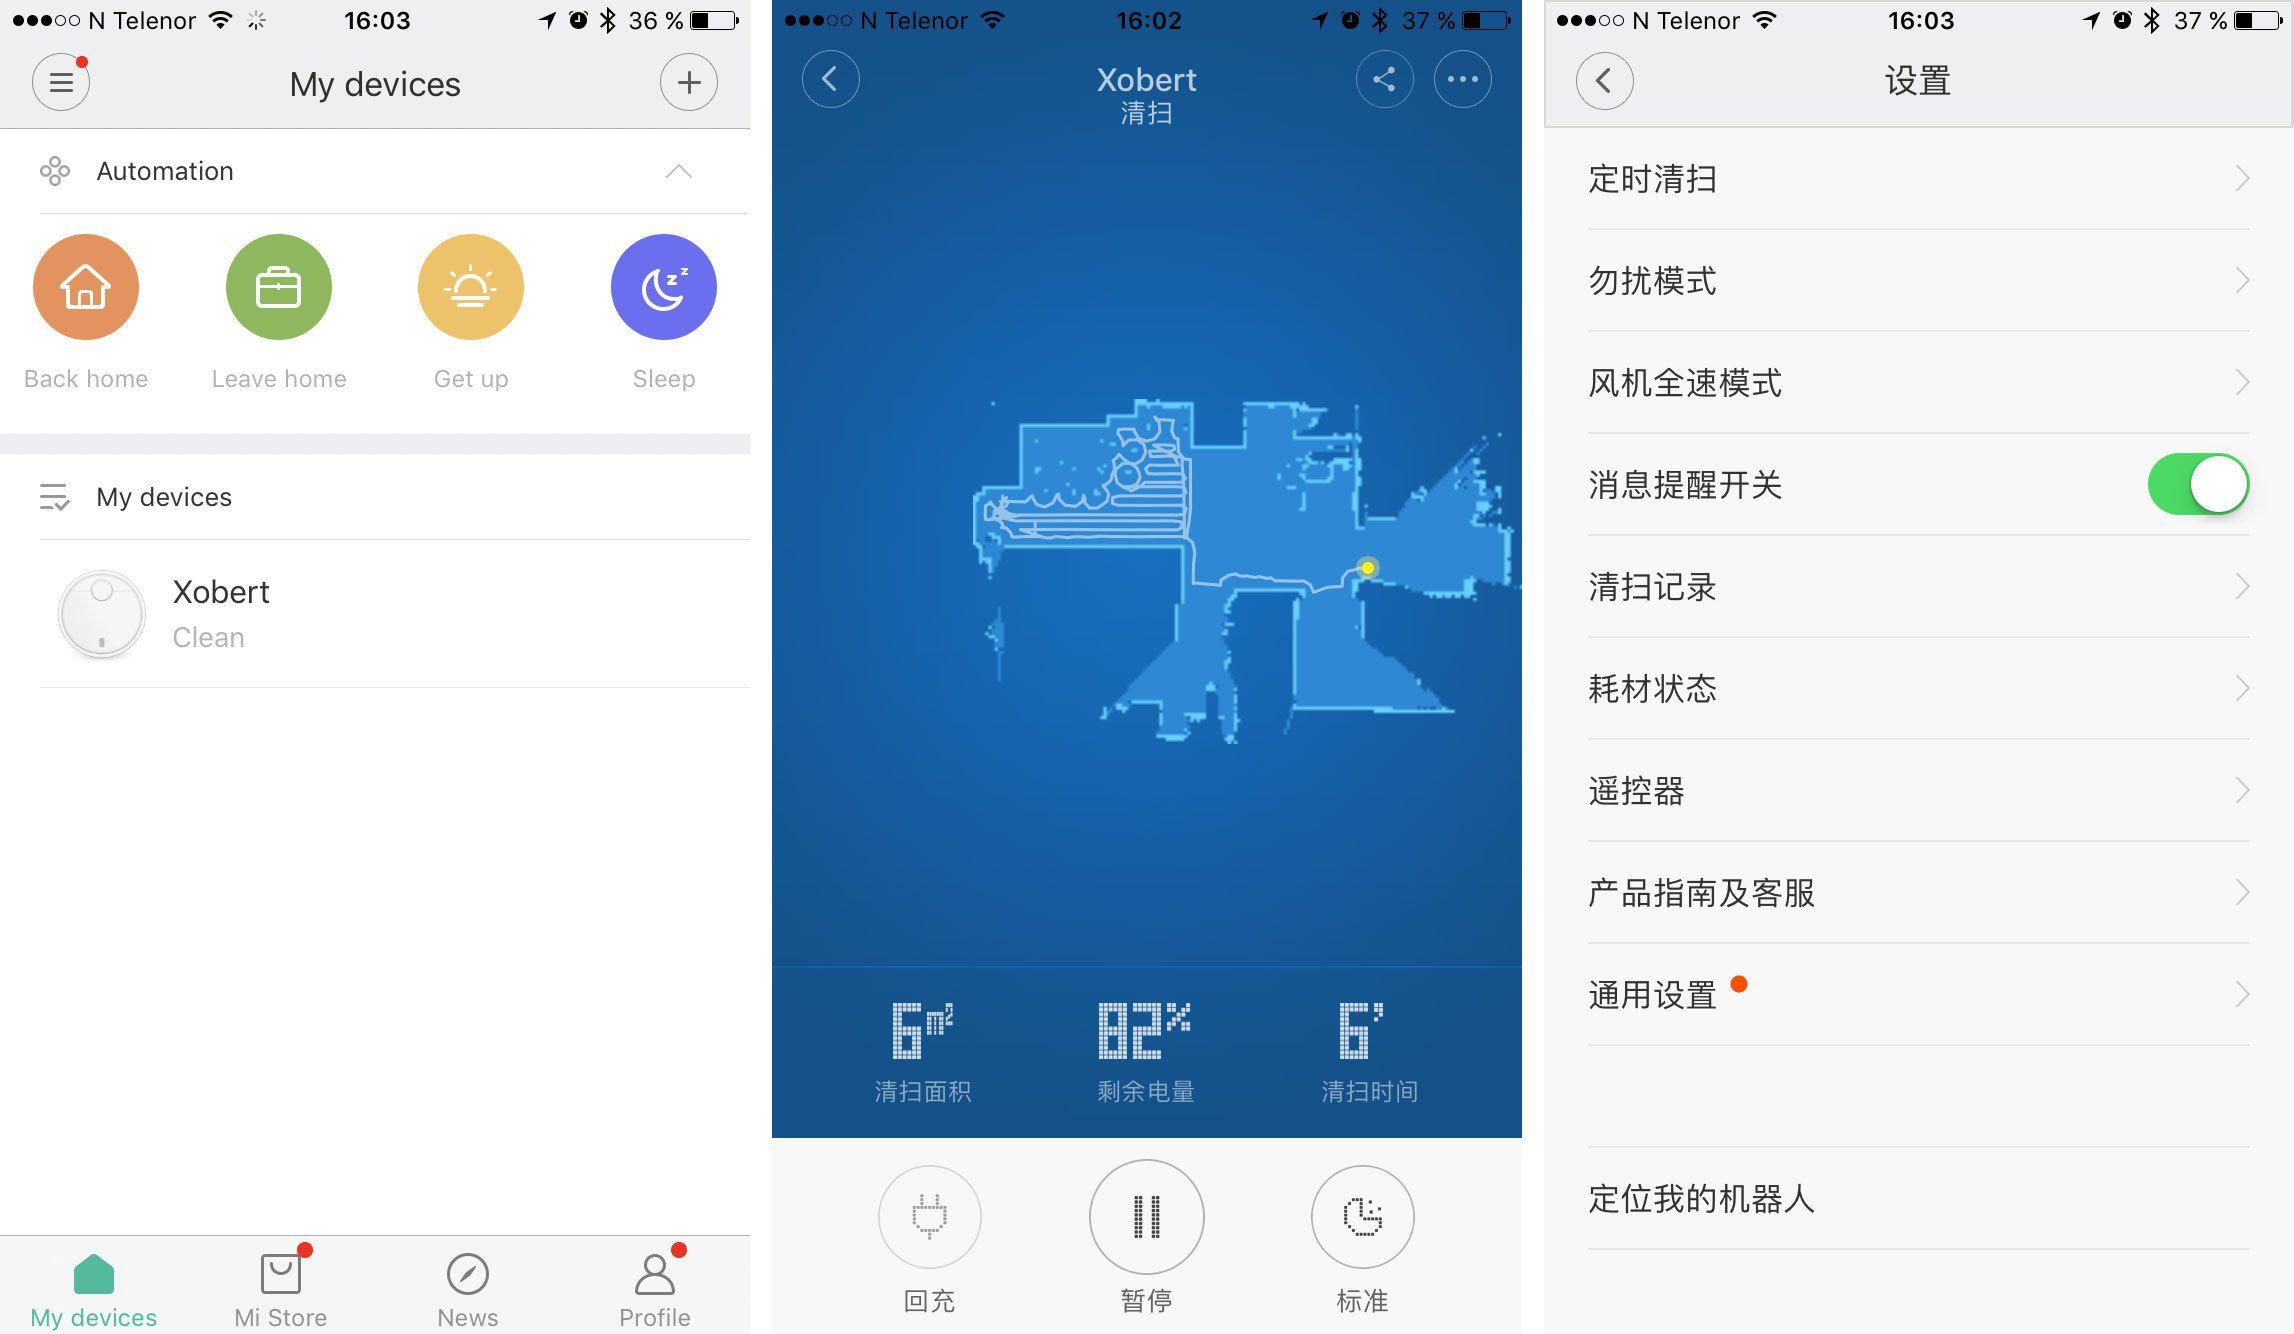 """Startskjermen byr på et par engelske ord, men når du kommer deg inn i selve styringen av robotstøvsugeren er alt på kinesisk. Men appen er utrolig avansert, og du kan blant annet følge med på støvsugeren i sanntid, og se hvor i rommet den er og hva sensoren på toppen """"ser""""."""